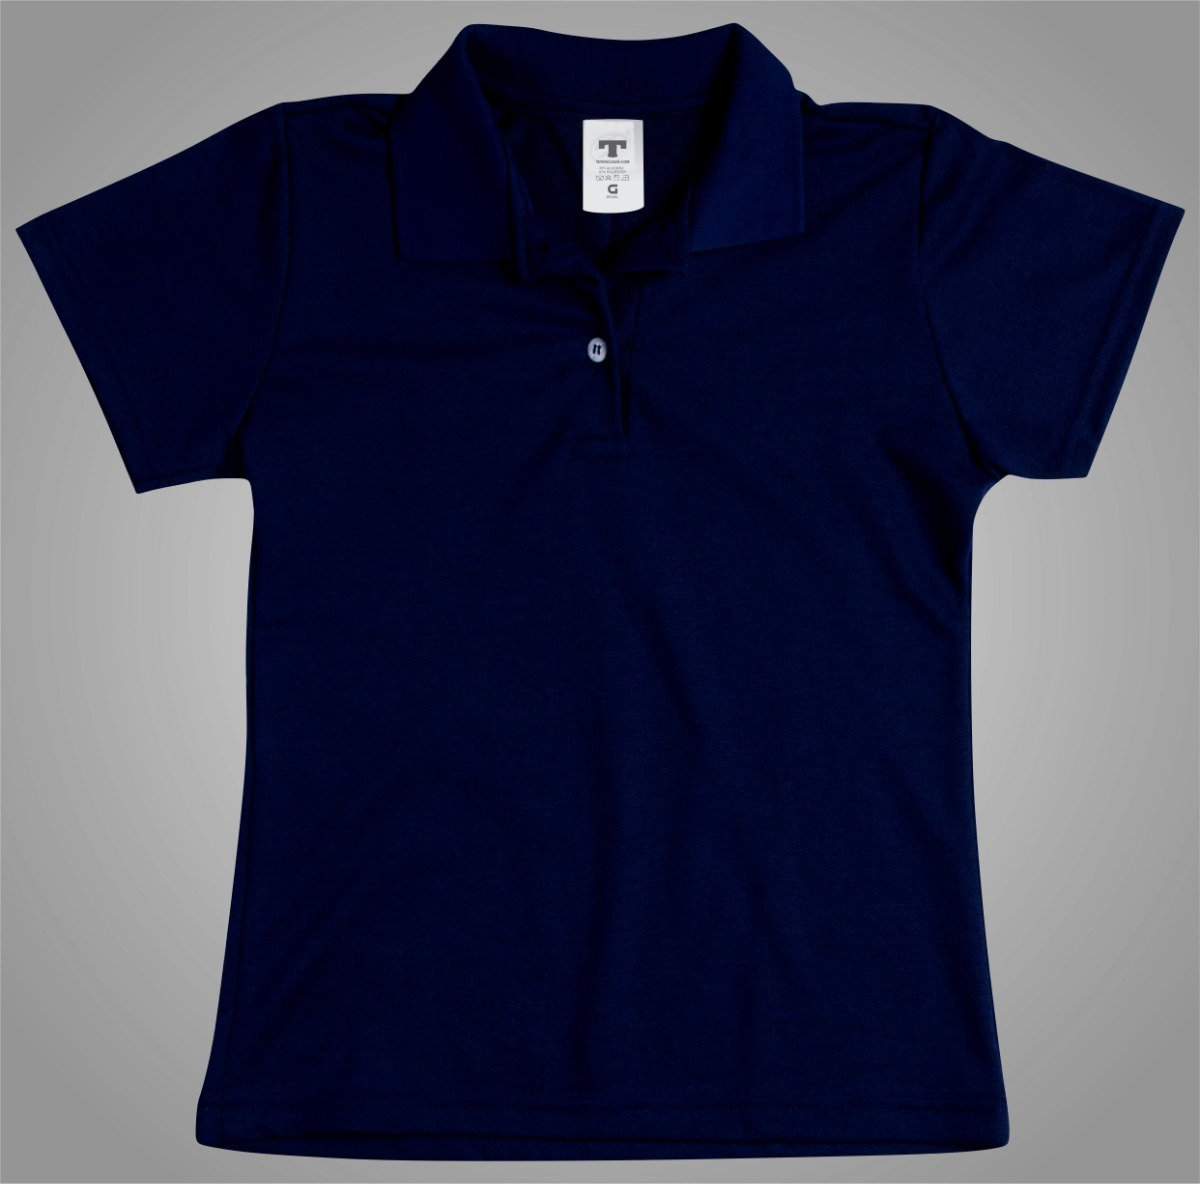 camisa polo varias cores polo lisa tradicional blusa polo. Carregando zoom. 191c66be1fce5